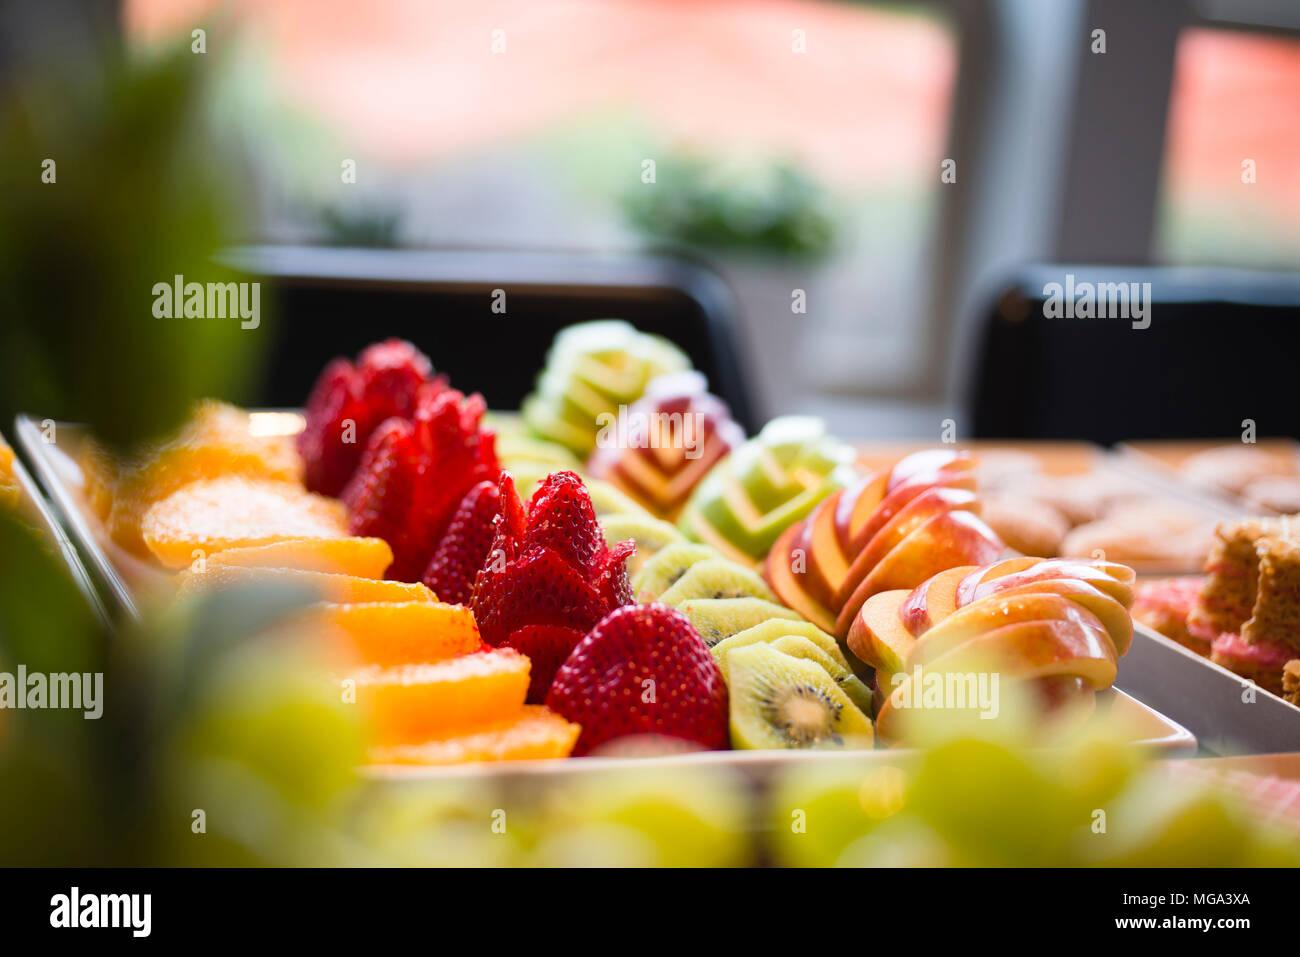 Ordinatamente stabilito prelibatezze low-calorie dessert di fettine di mele fragola kiwi arance e biscotti sono pronti per qualsiasi tabella di festa d Immagini Stock